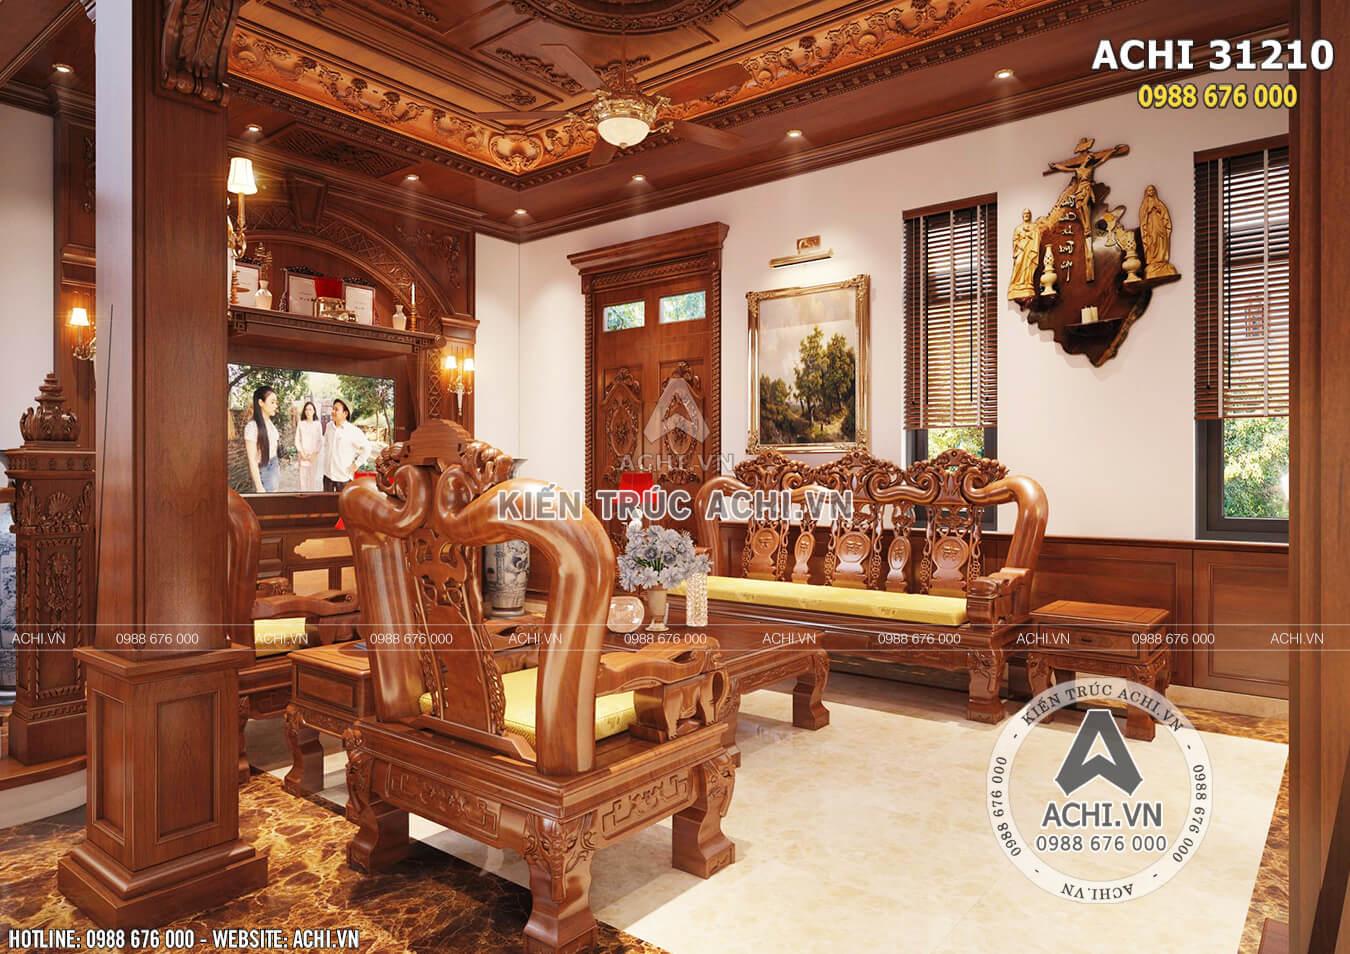 Một góc view của nội thất phòng khách tân cổ điển